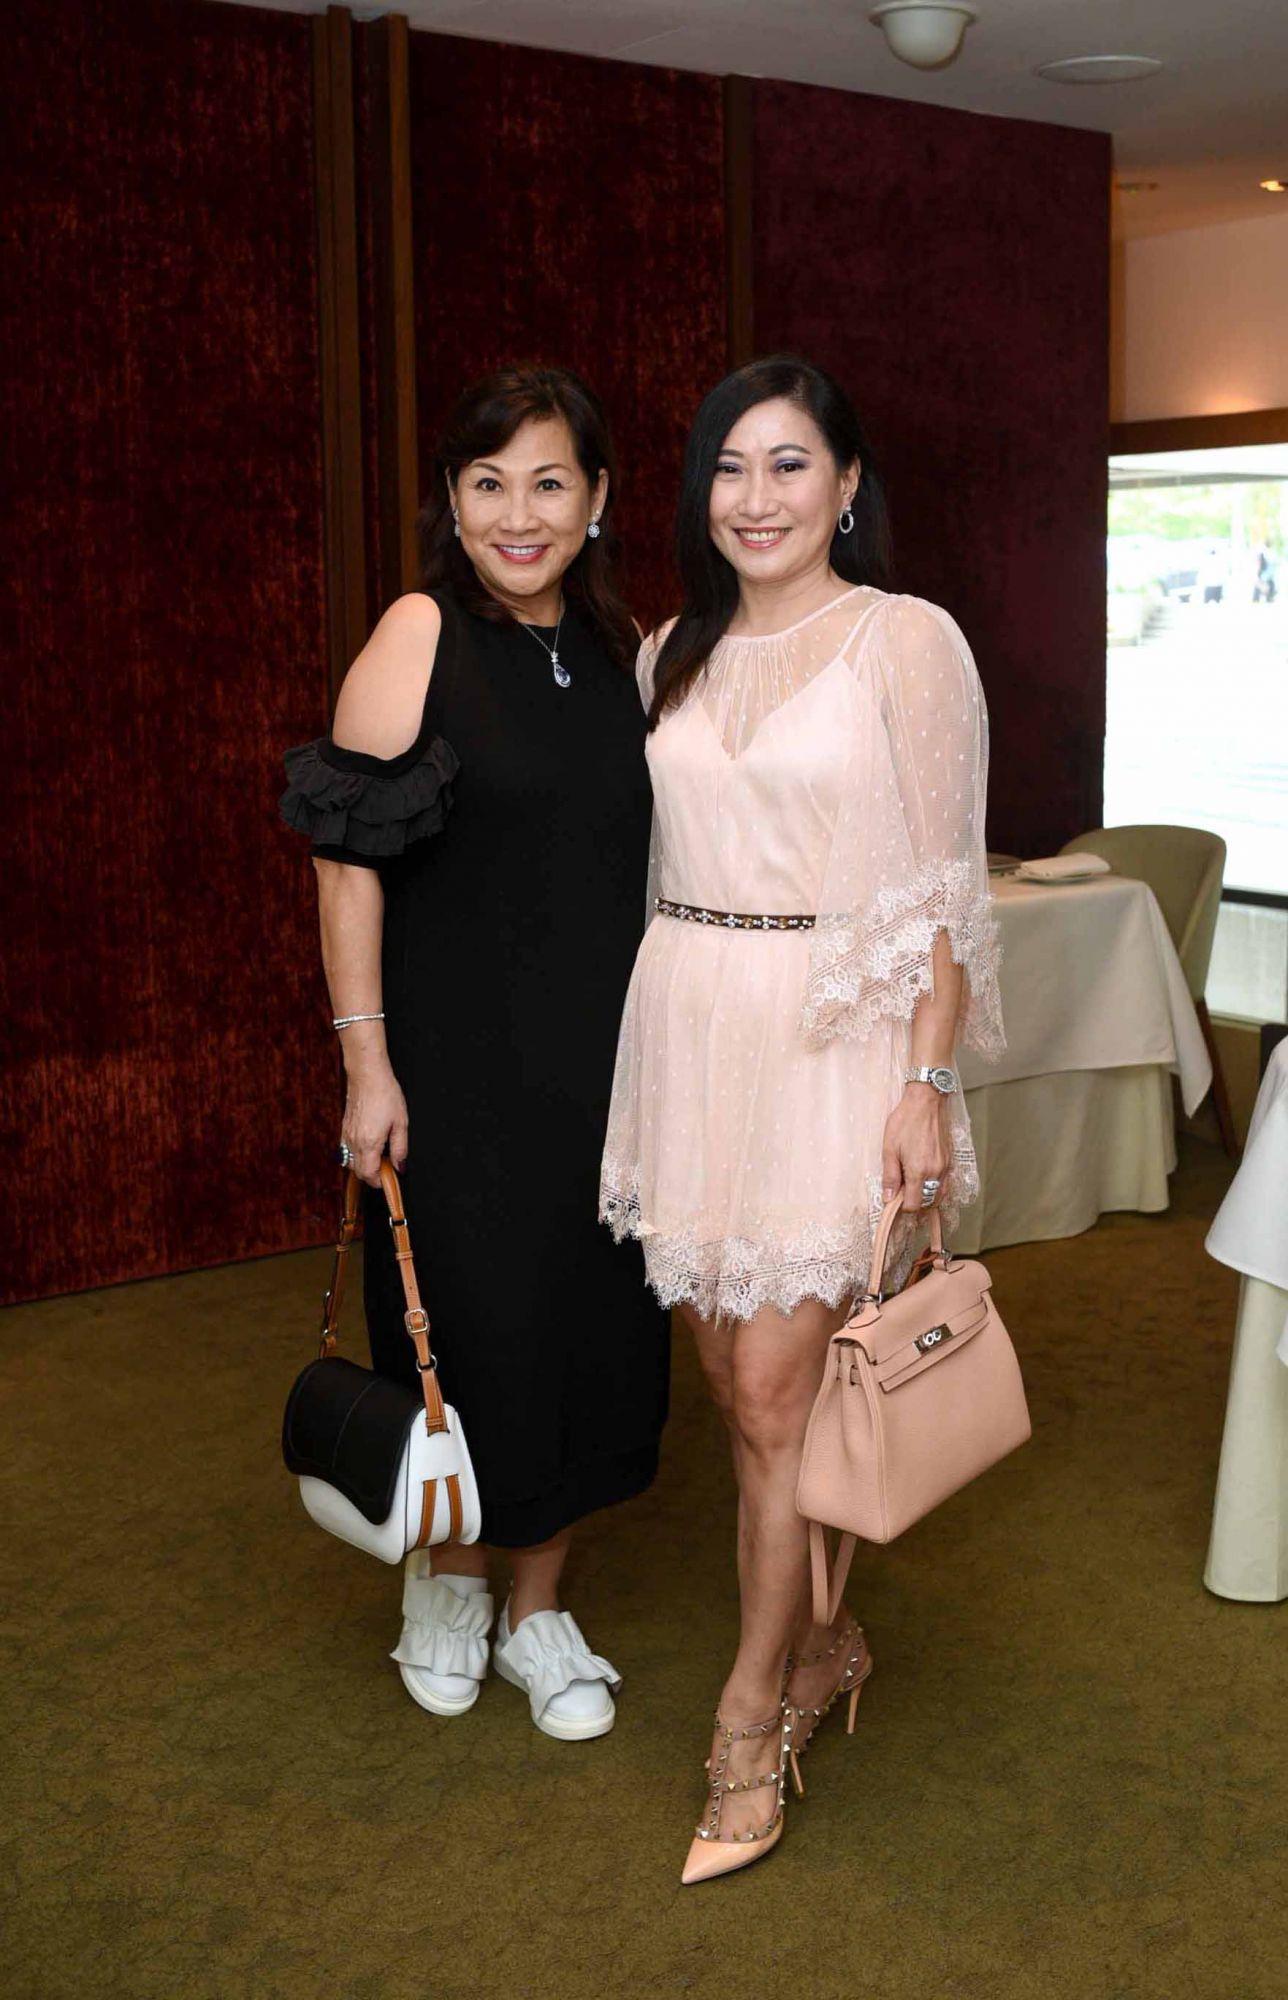 Pauline Chan, Tan Khar Nai